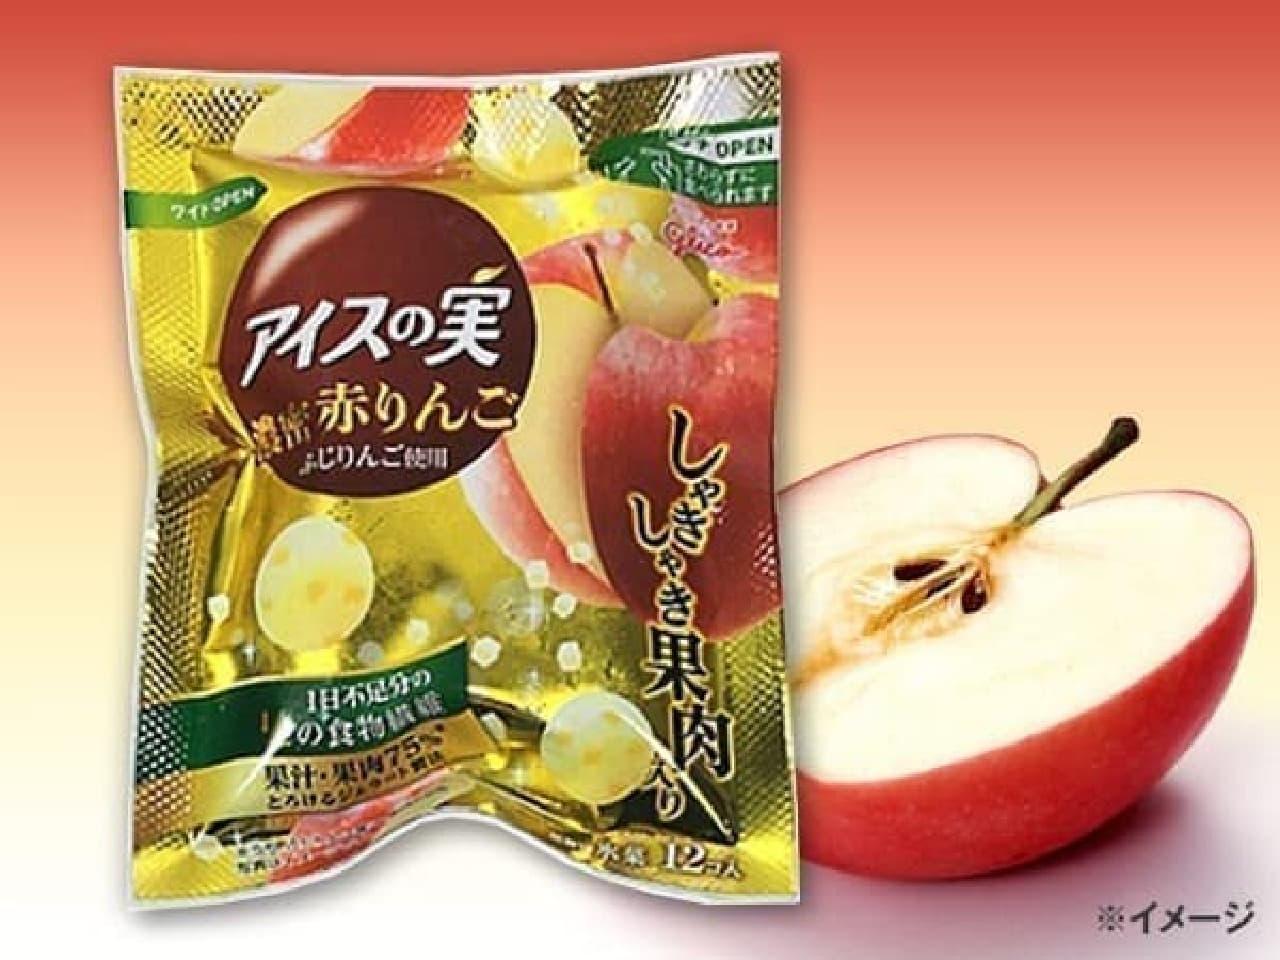 セブン-イレブン限定「グリコ アイスの実 濃密赤りんご」